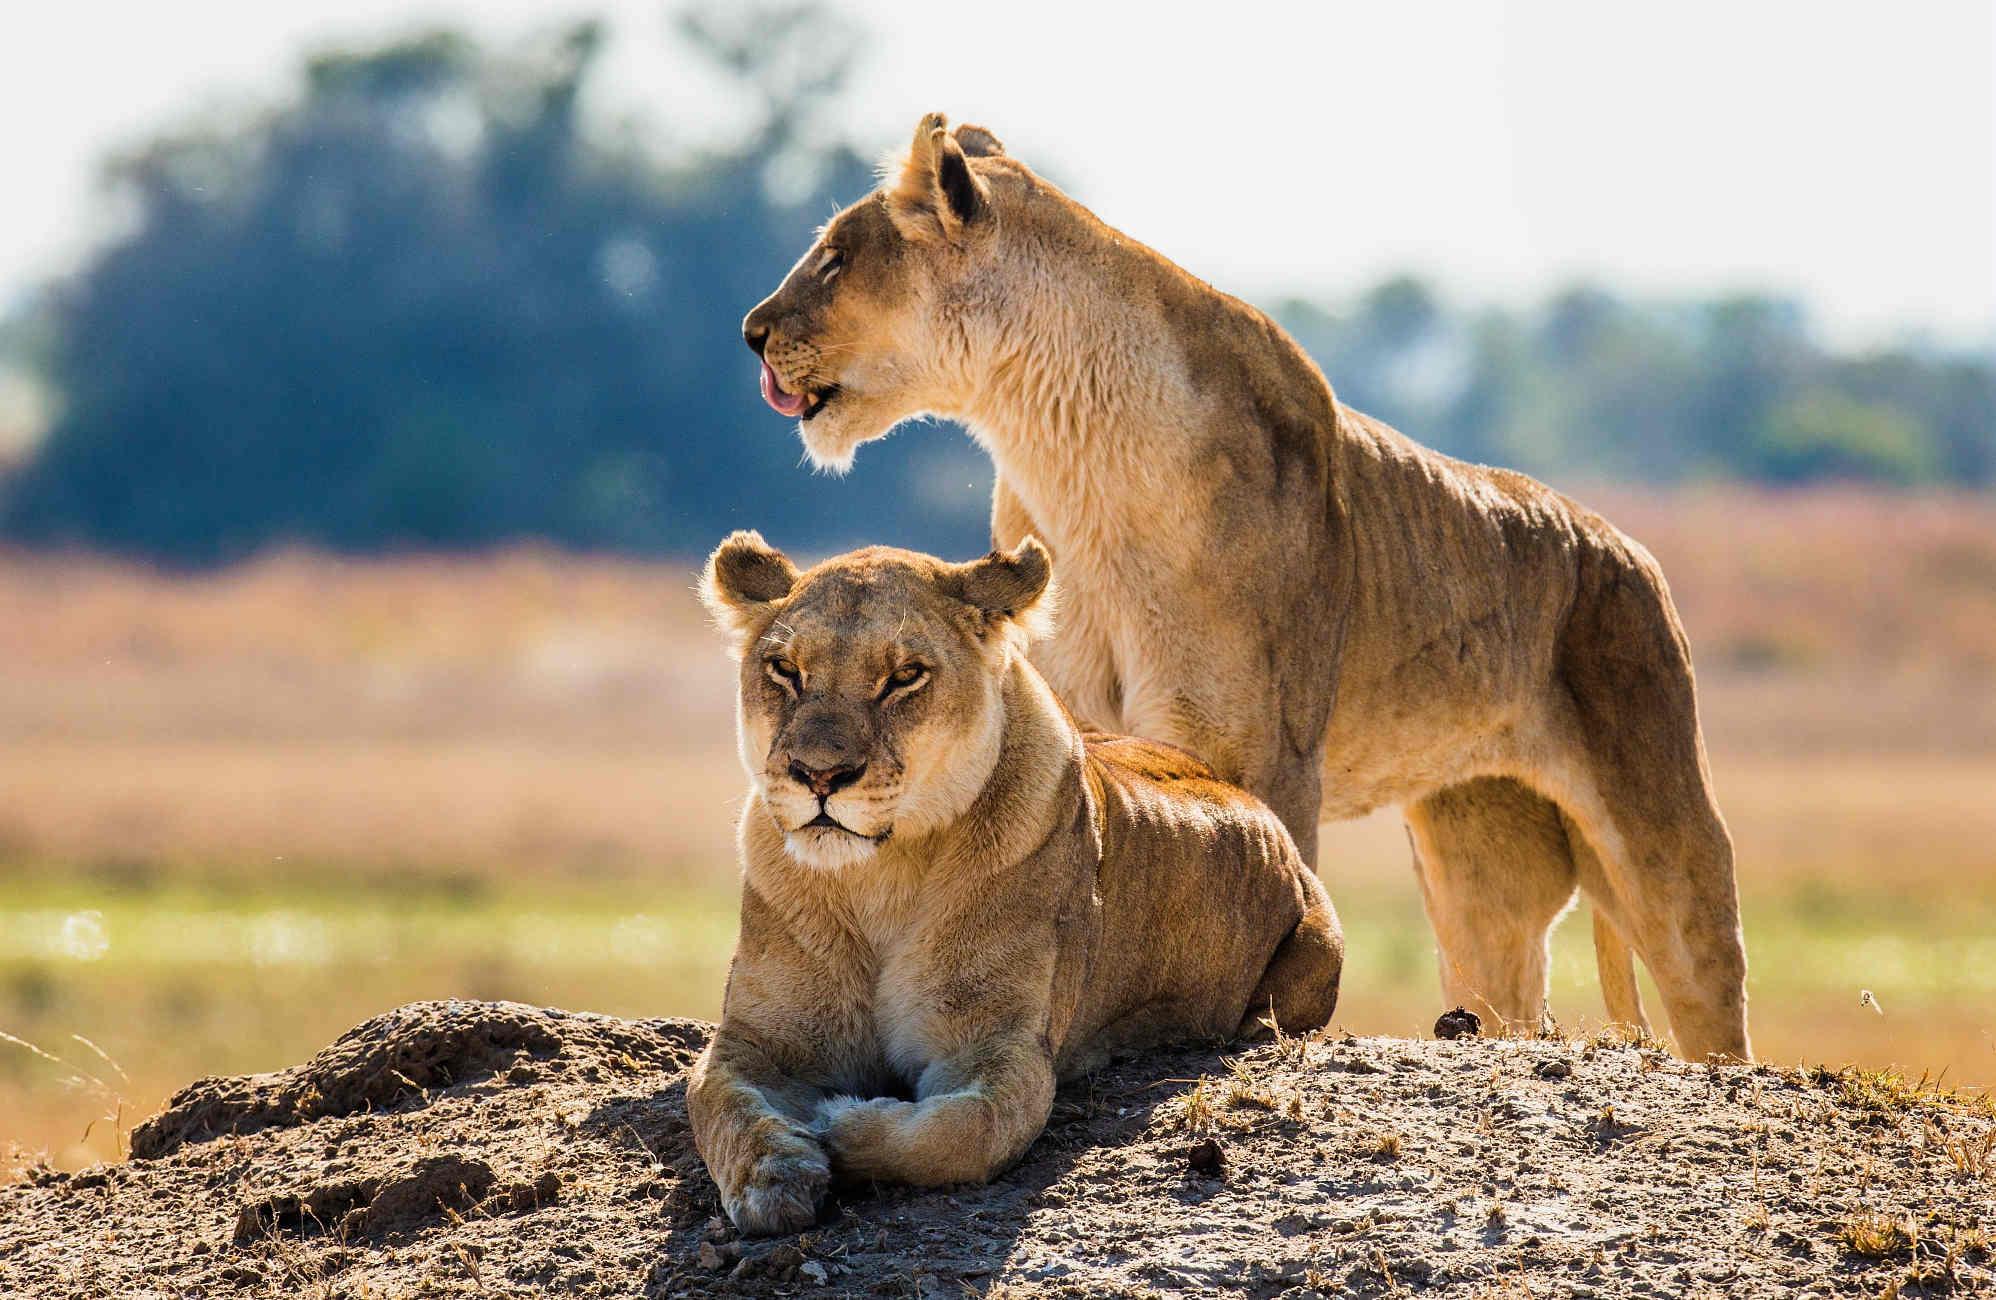 deux lionnes au Botswana lors d'un safari organisé par Amplitudes